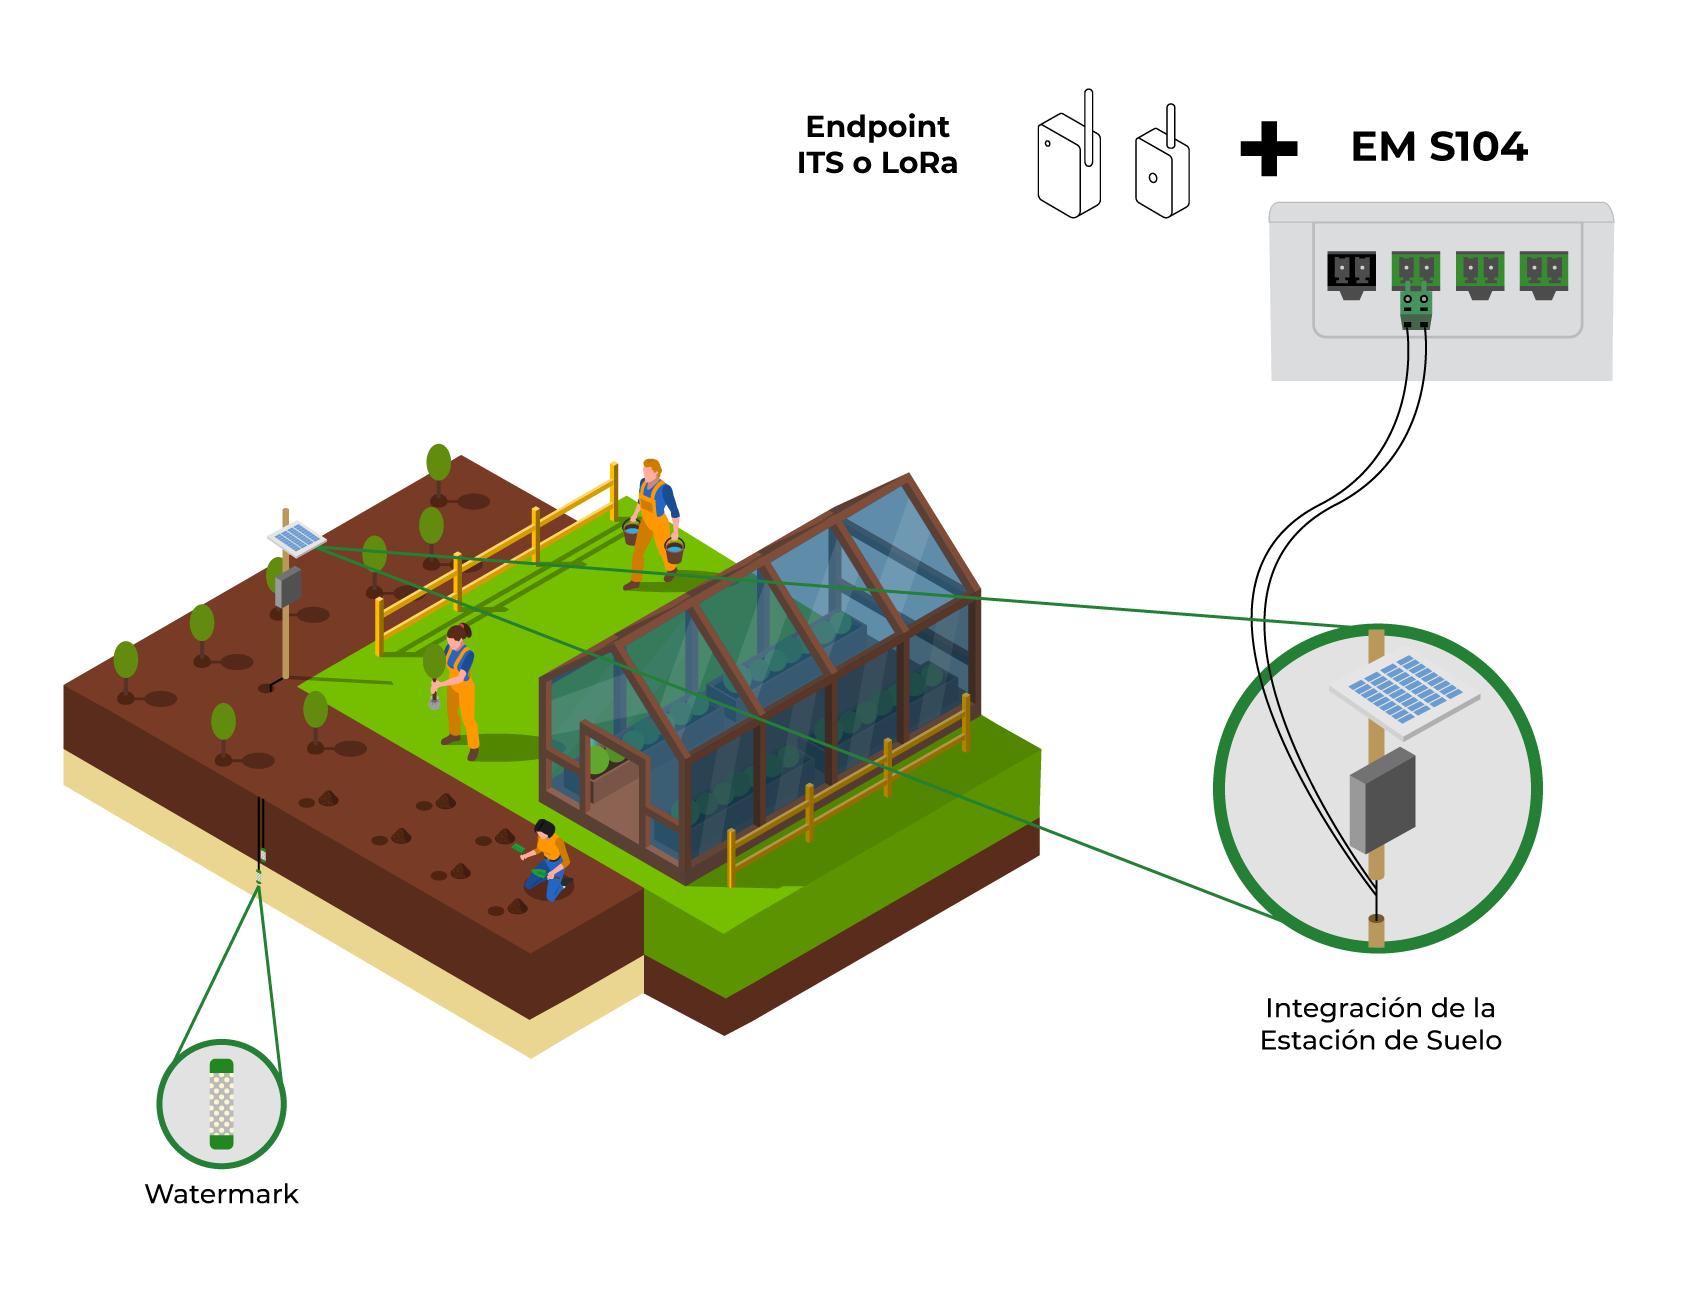 Modelo de aplicación - EM S104